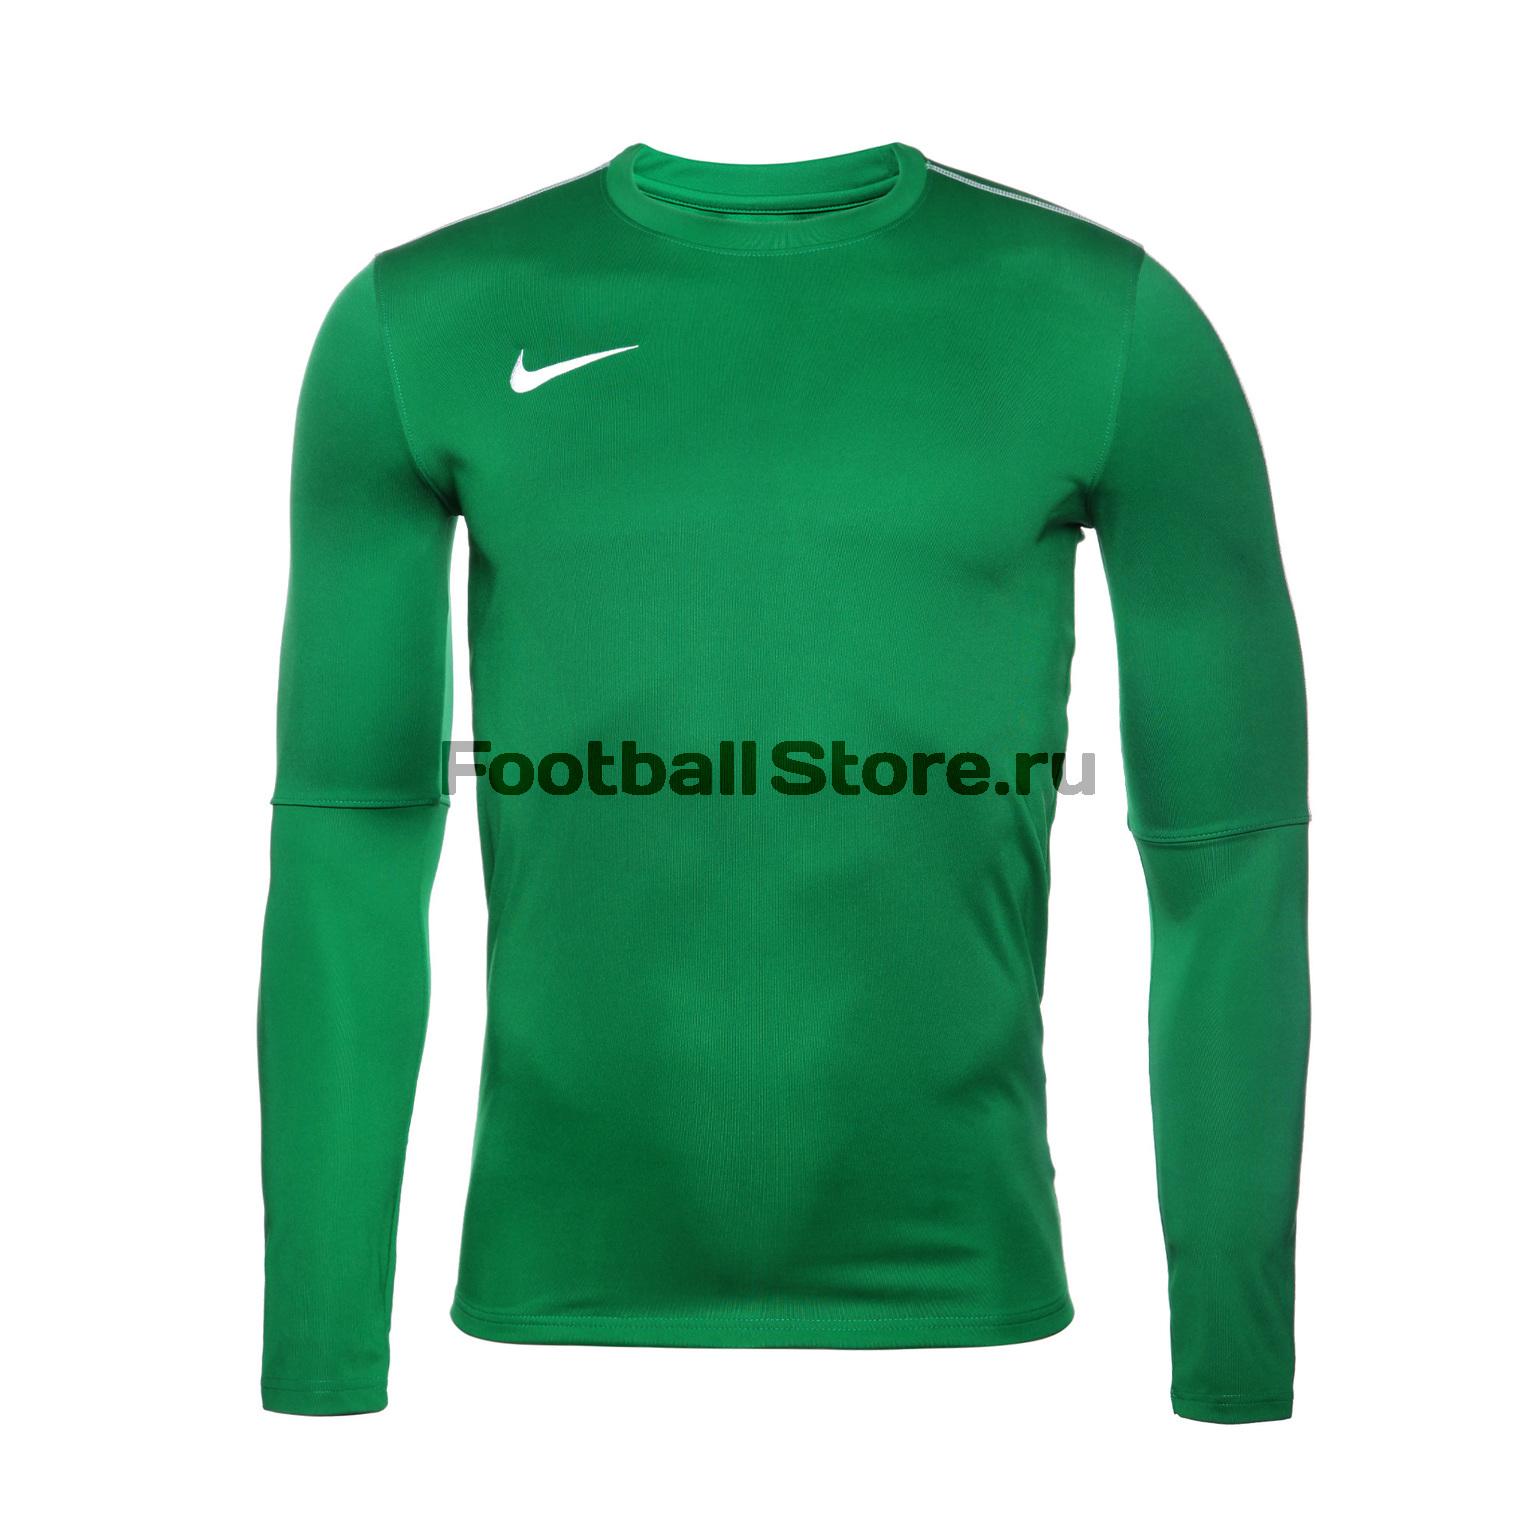 цена на Свитер тренировочный Nike Dry Park18 Crew Top AA2088-302